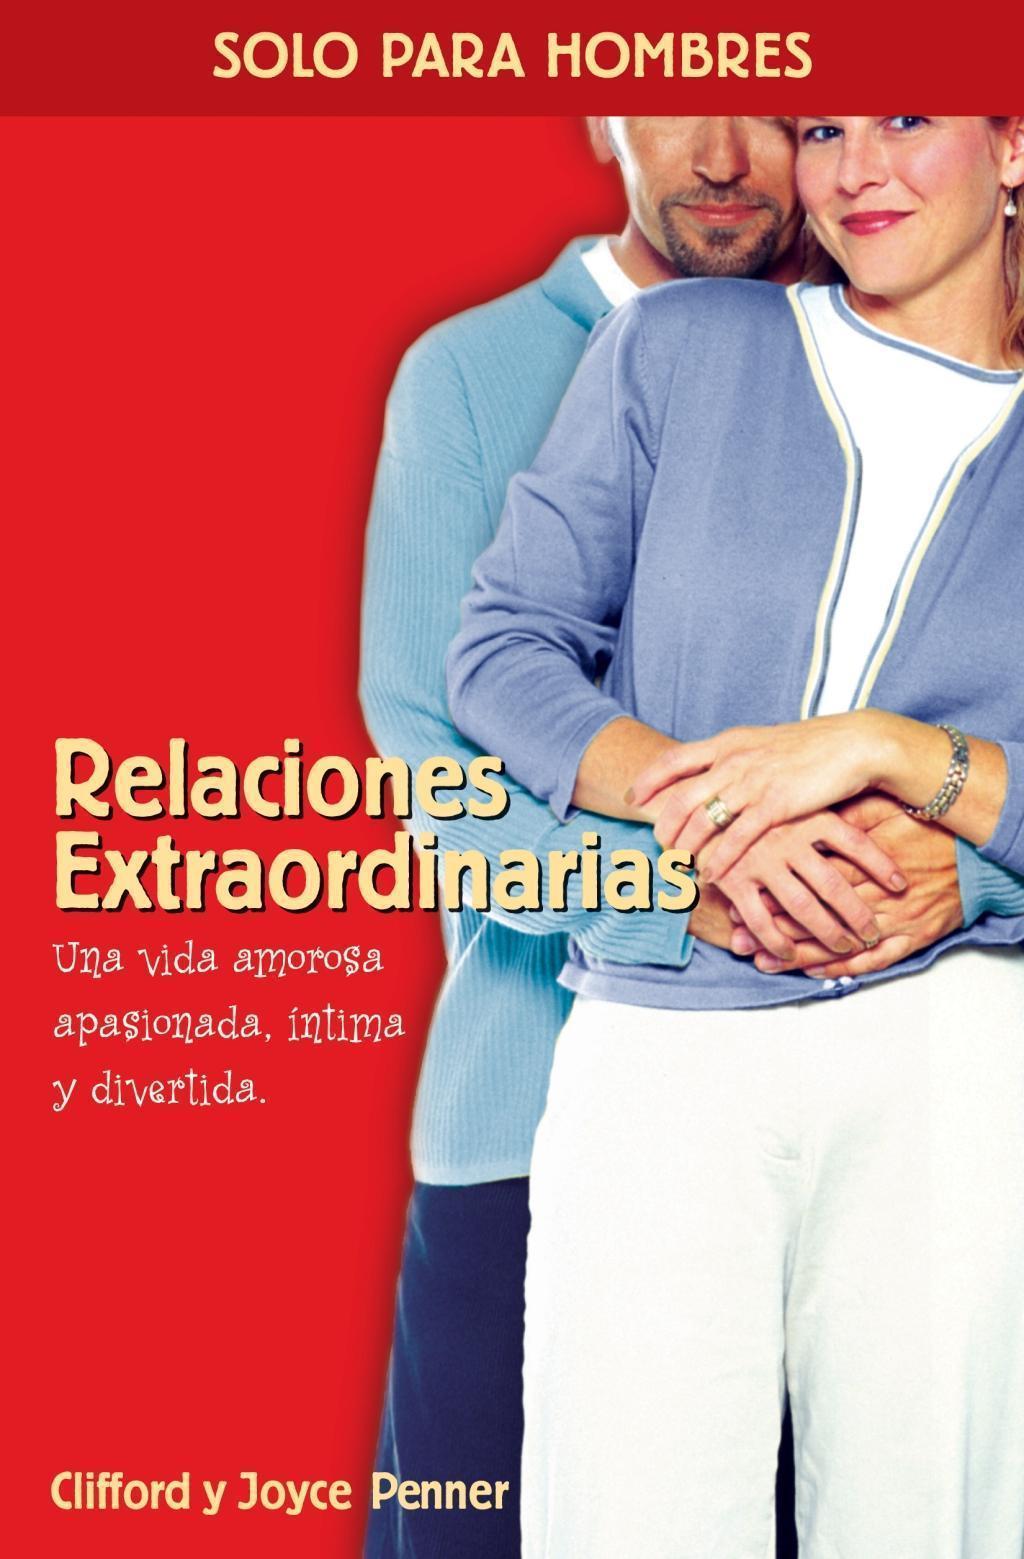 Relaciones extraordinarias